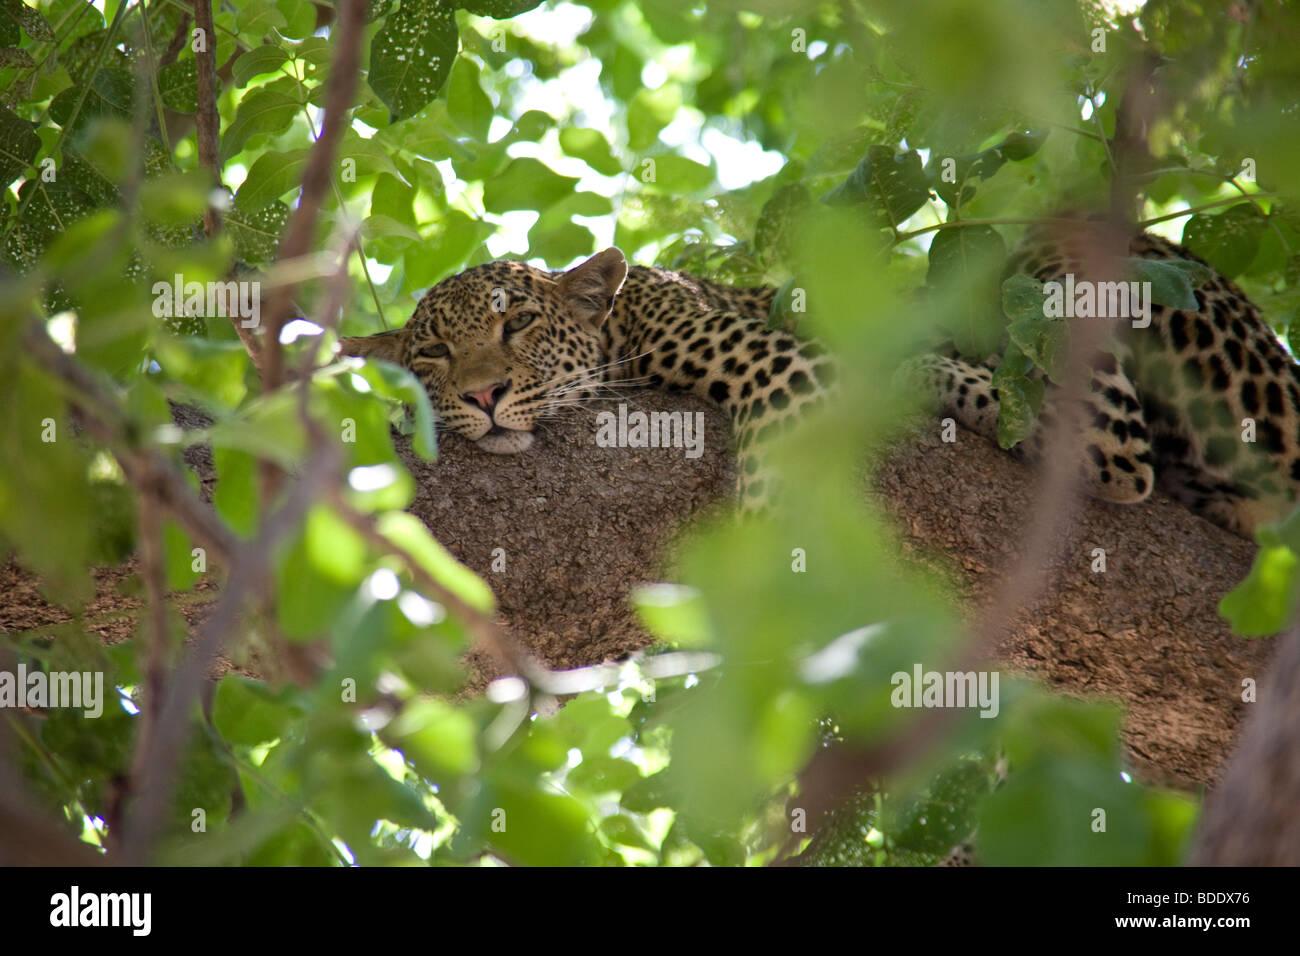 Zambia, Tafika Camp, Luangwa River, South Luangwa National Park. Jeep Safari ,Bush Leopard Panthera pardus - Stock Image